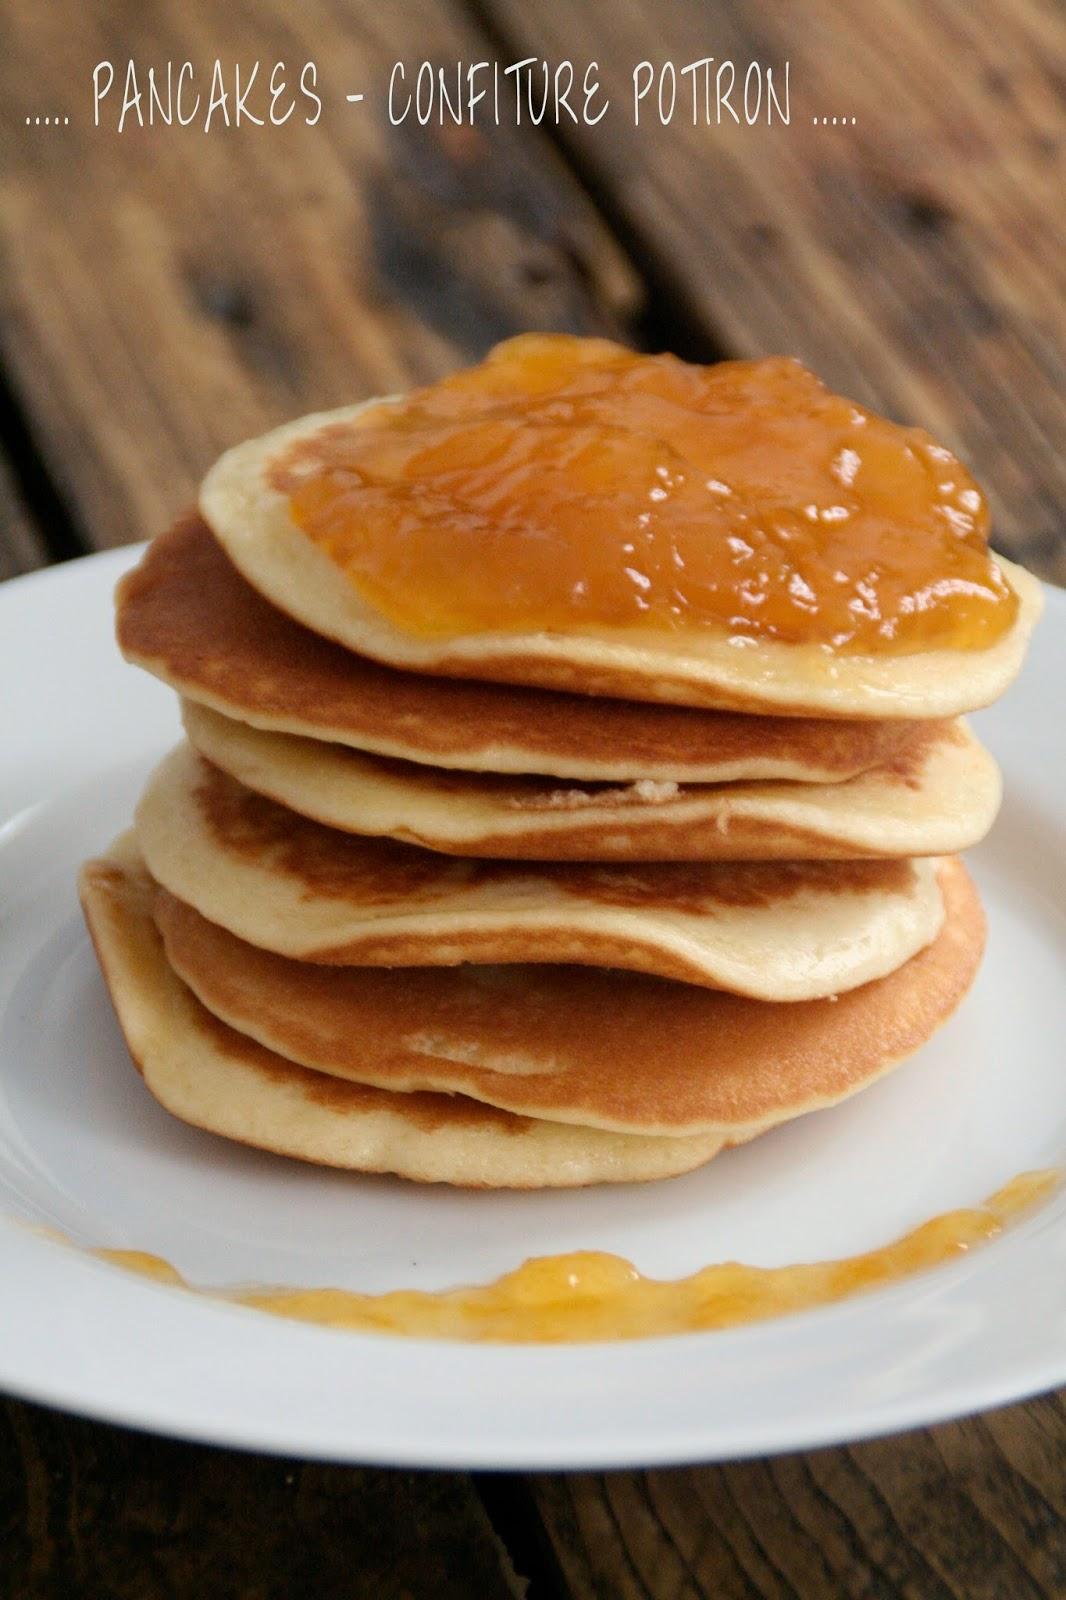 http://etcharlottedecouvritlacuisine.blogspot.fr/2014/10/pancakes-confiture-de-potiron.html